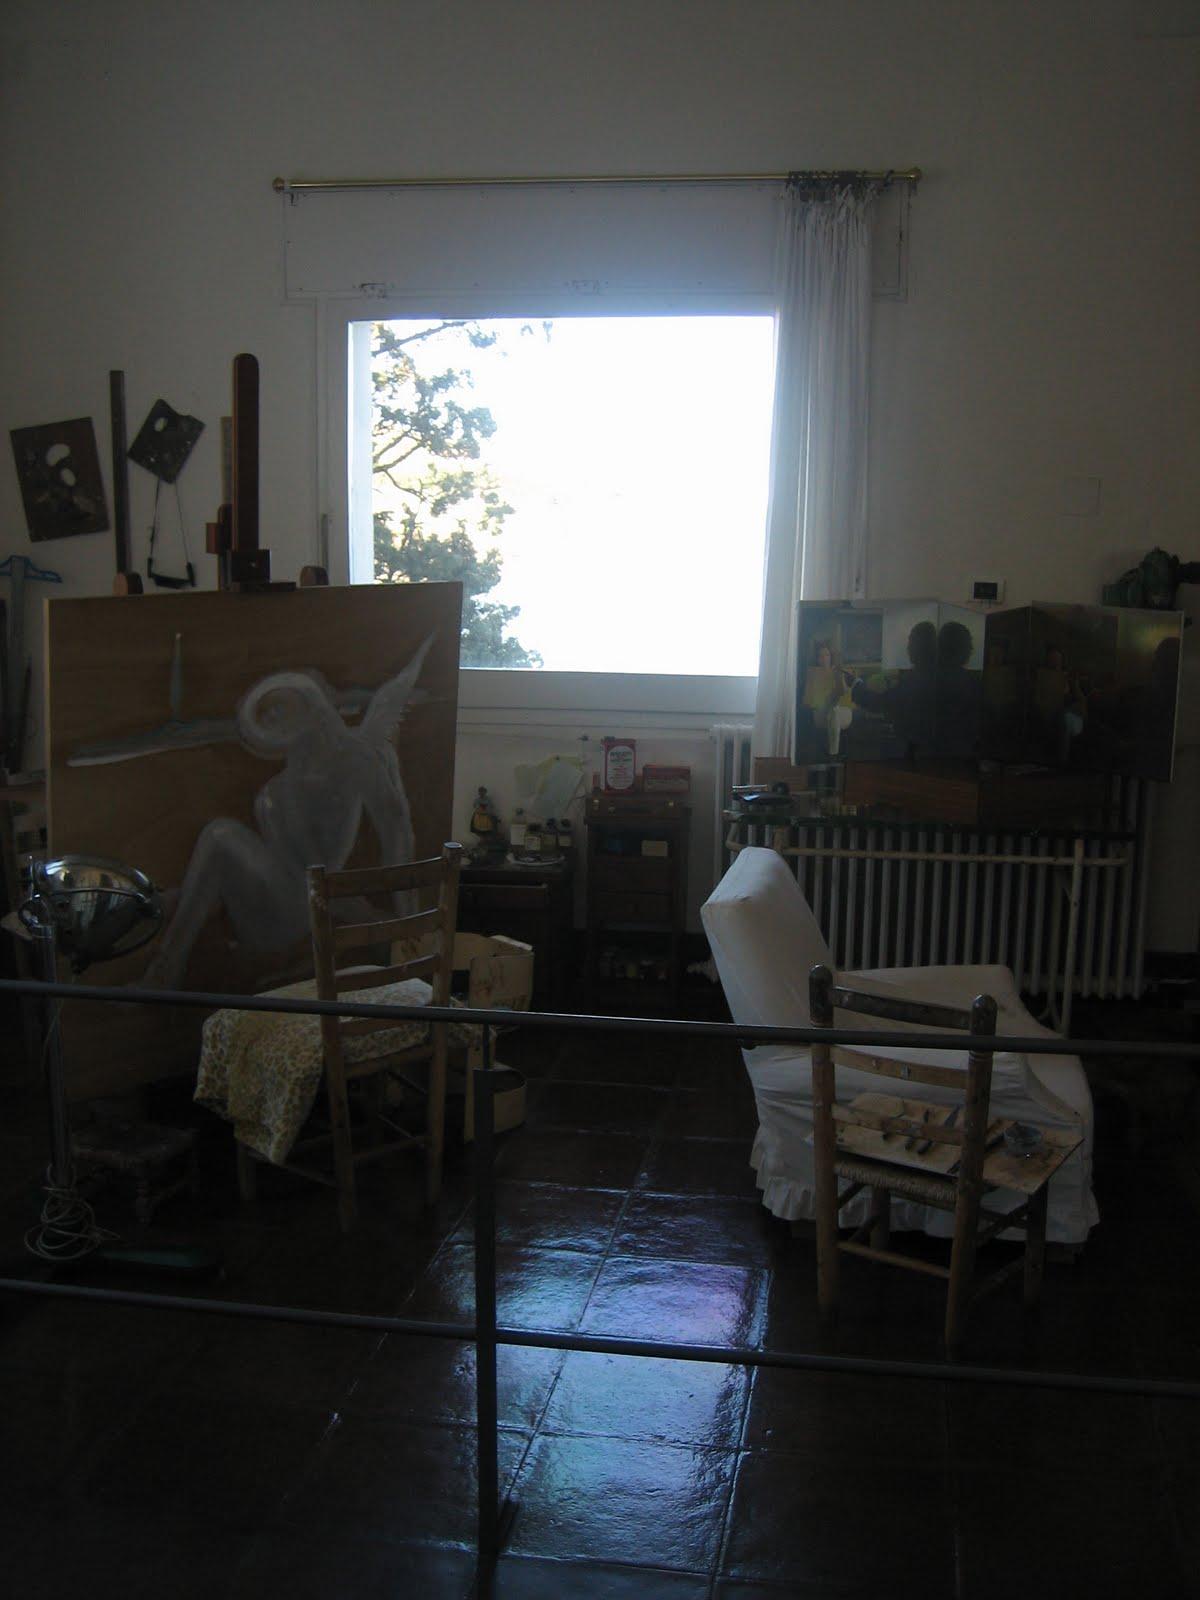 http://1.bp.blogspot.com/-Pfxs6eN3JGI/TYc3y_G0JNI/AAAAAAAABx8/0f00EeDIdvY/s1600/IMG_1754.JPG